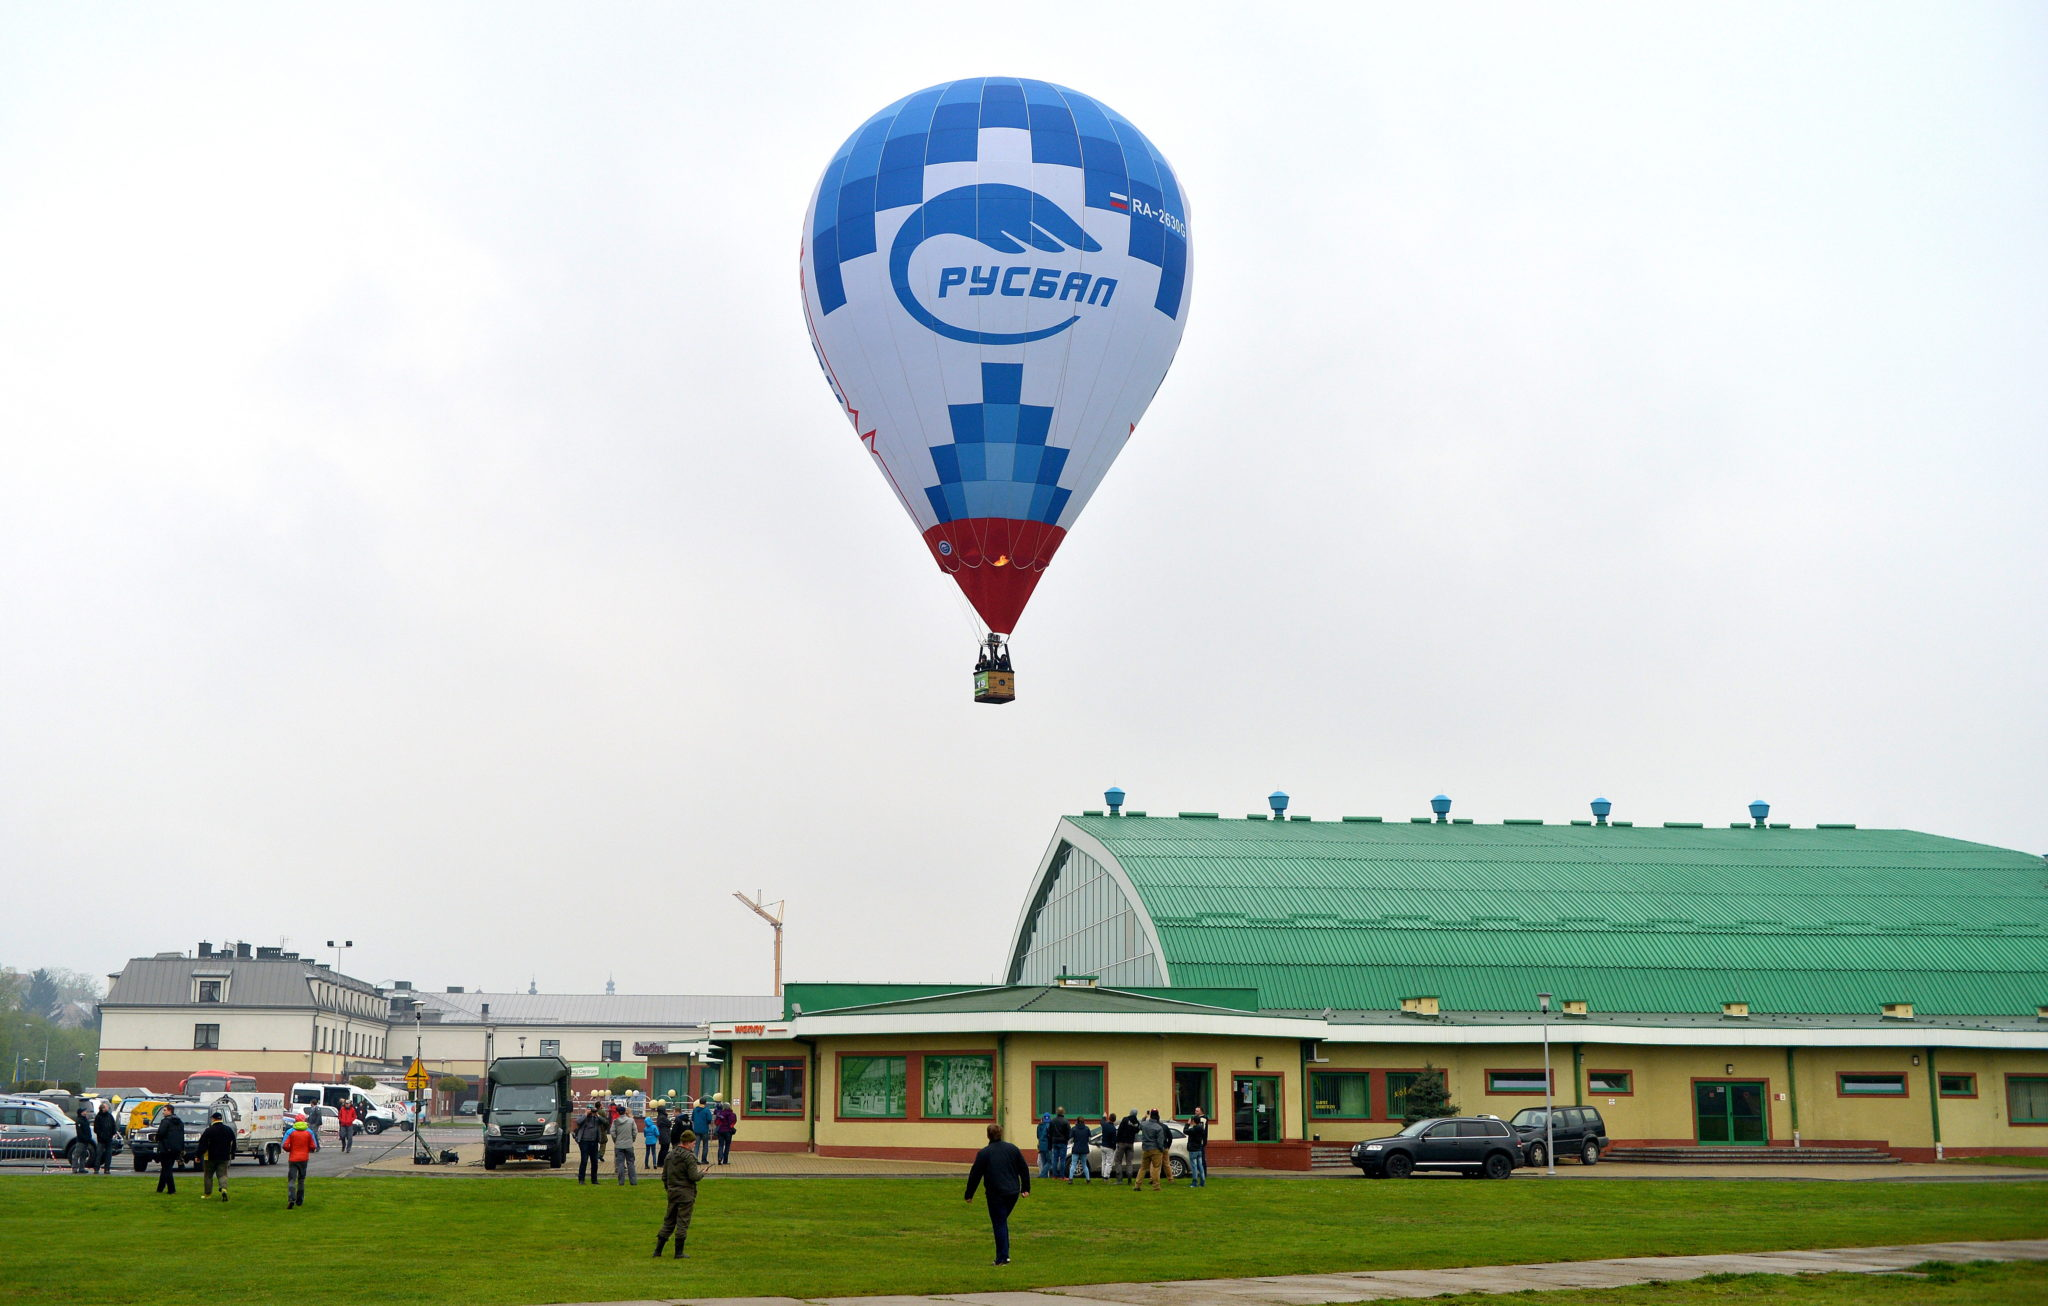 Polska: XVIII Międzynarodowe Górskie Zawody Balonowe w Krośnie (foto. PAP/Darek Delmanowicz)